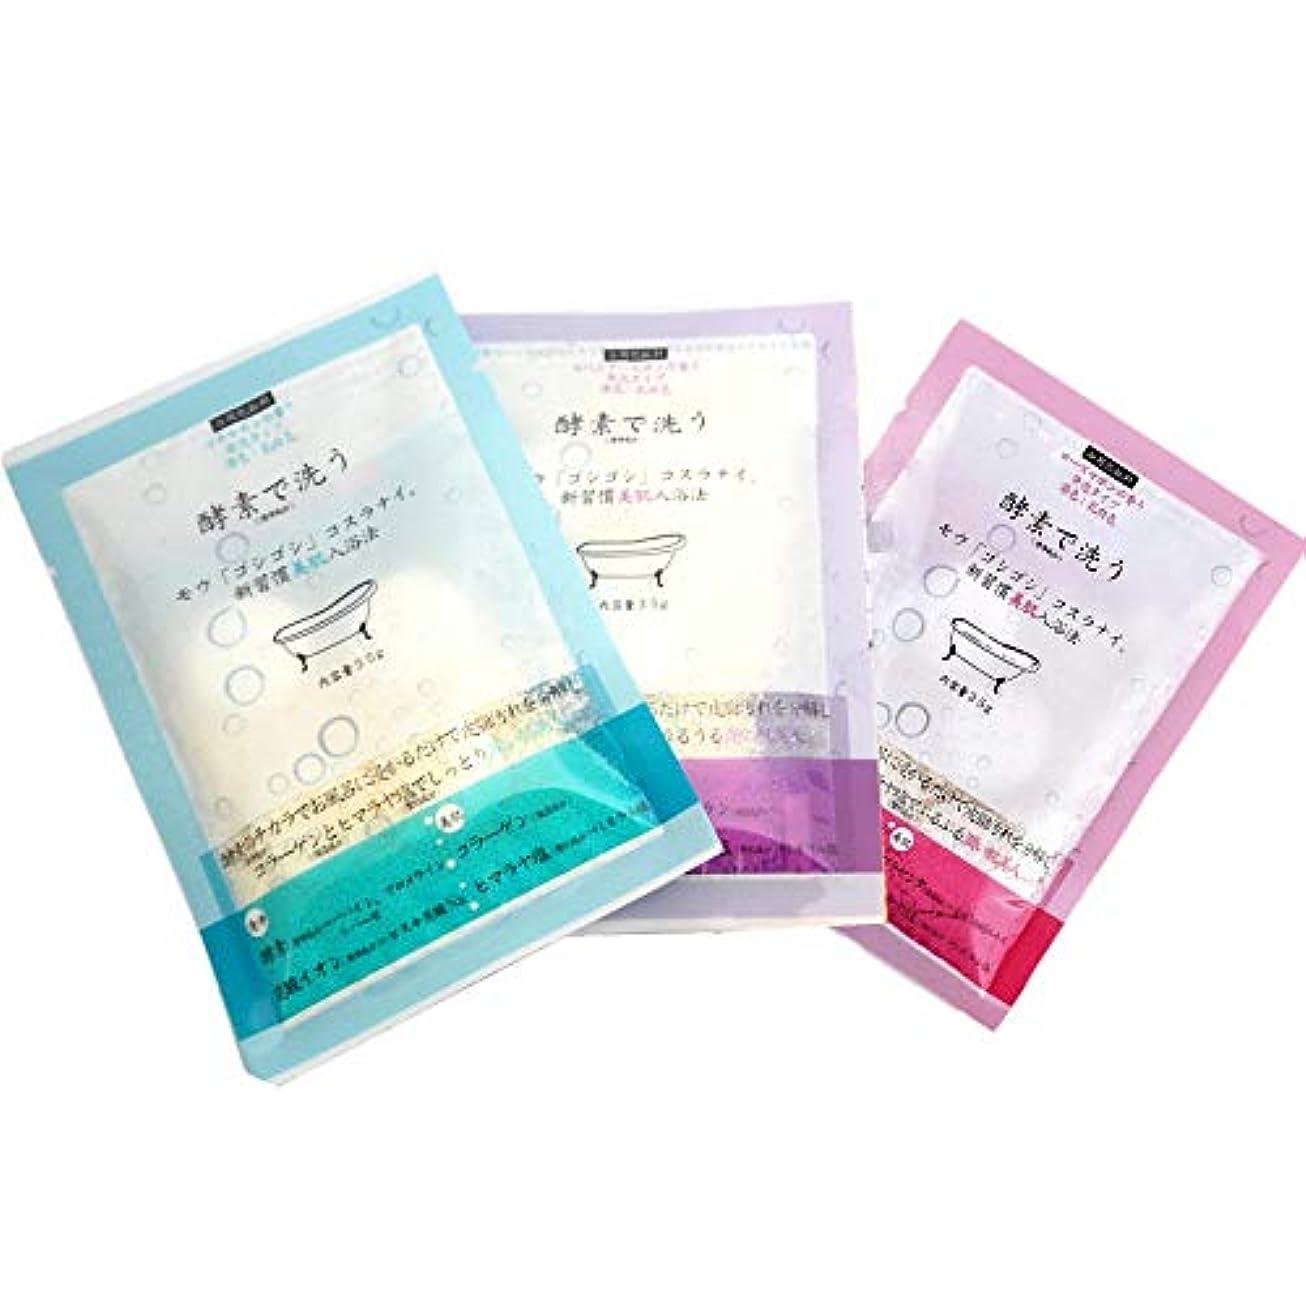 ドーム展示会死にかけているほんやら堂 酵素で洗う入浴料 3種詰め合わせセット 35g×12個入リ(プチセボン、ローズセボン、ラベンダー)